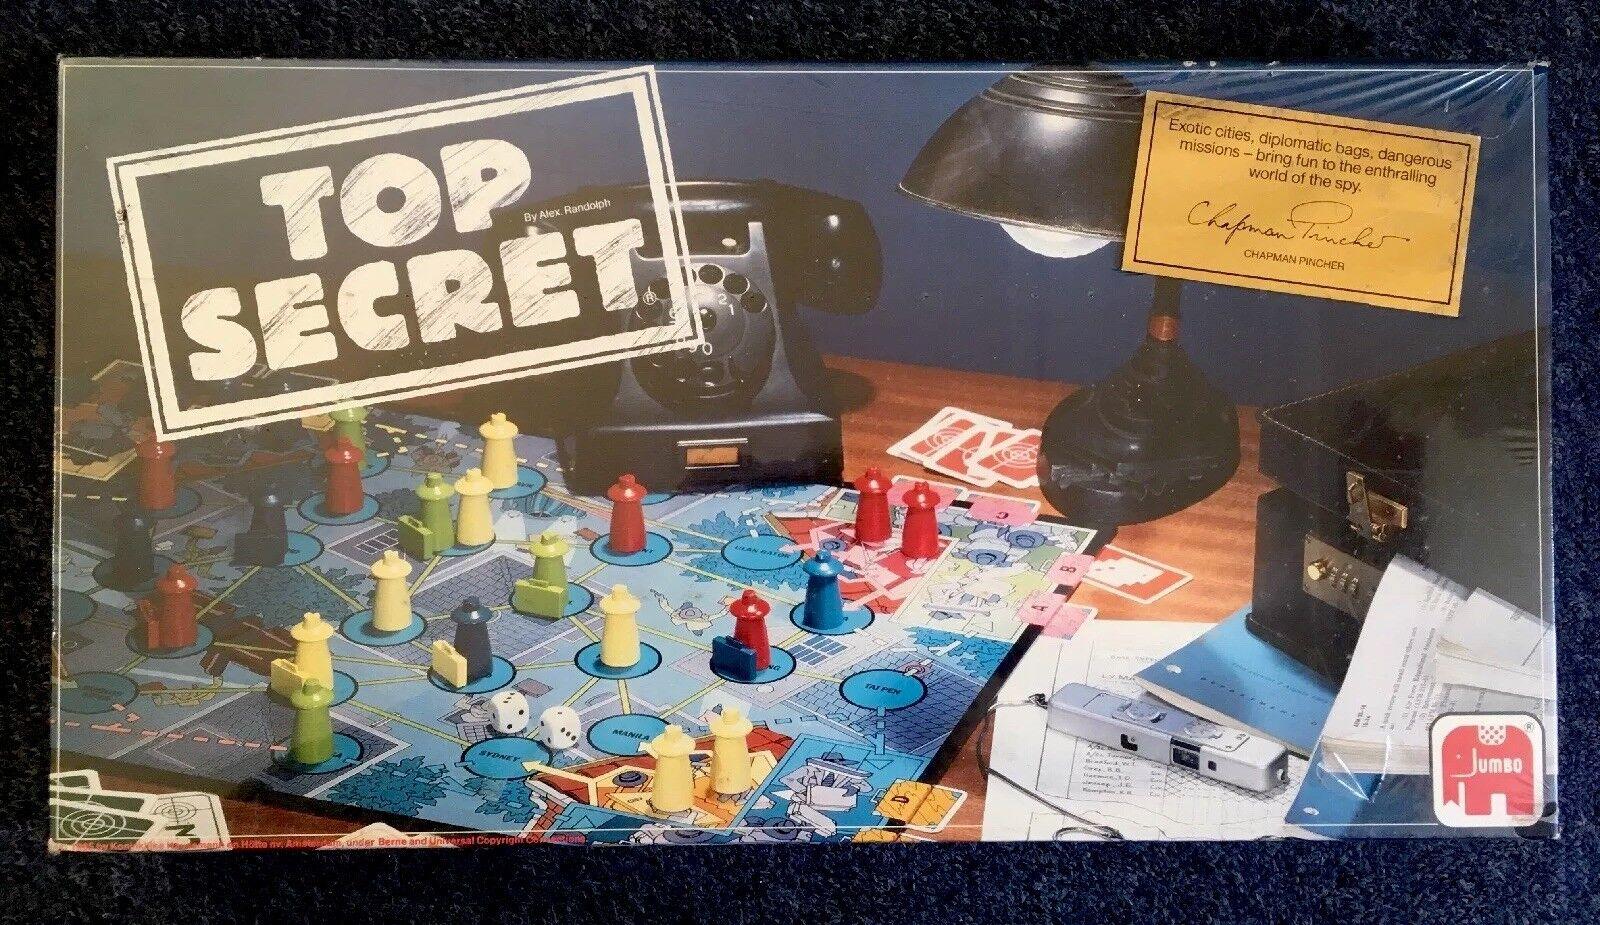 RARE årgång JUMBO FAMILJE BORD spel TOP SECRET (1985) NY OCH SEALD Storbritannien